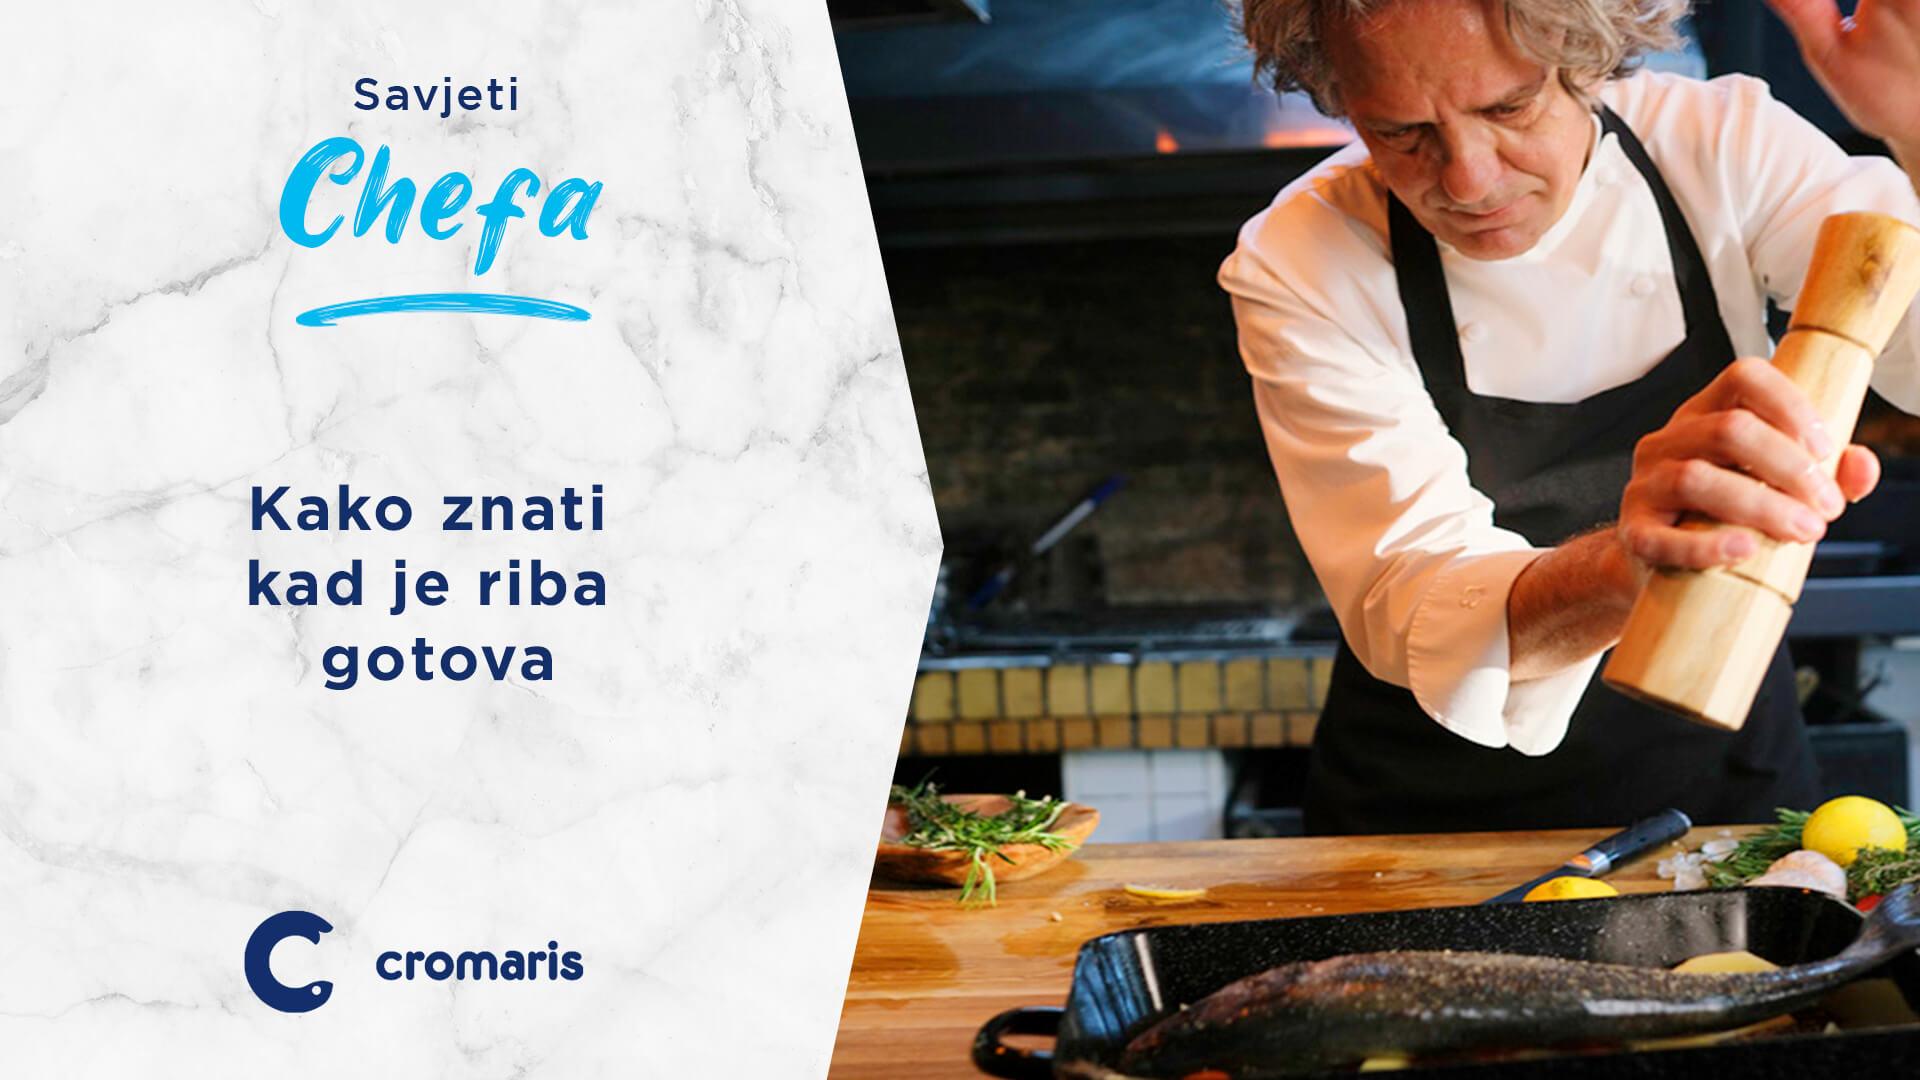 """""""Nemojte odstraniti podrepnu peraju: ako se tijekom kuhanja peraja može lako izvući znači da je riba spremna!"""""""